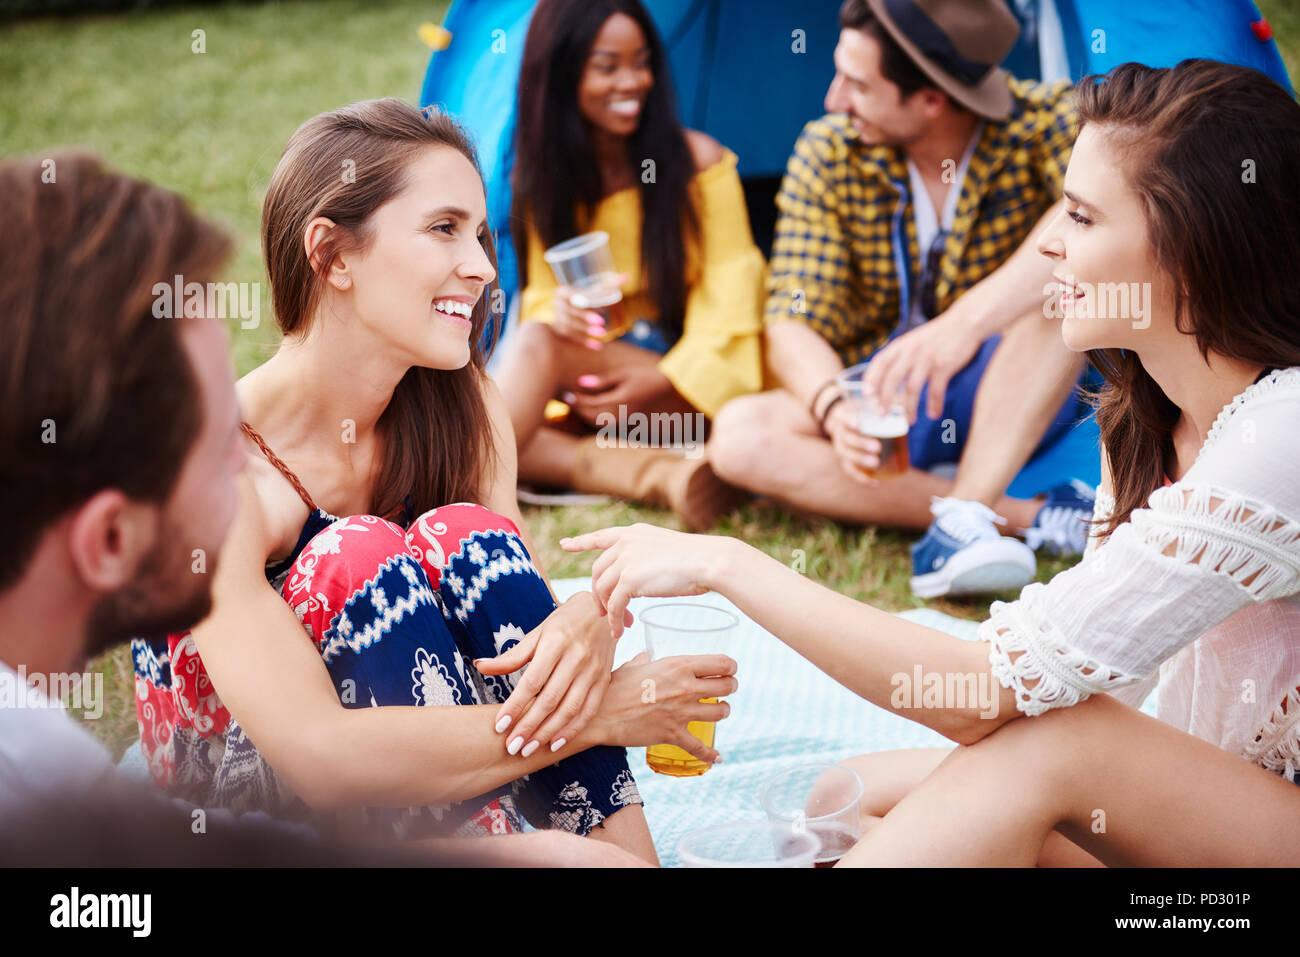 Gli amici sedersi e godersi il festival di musica Immagini Stock